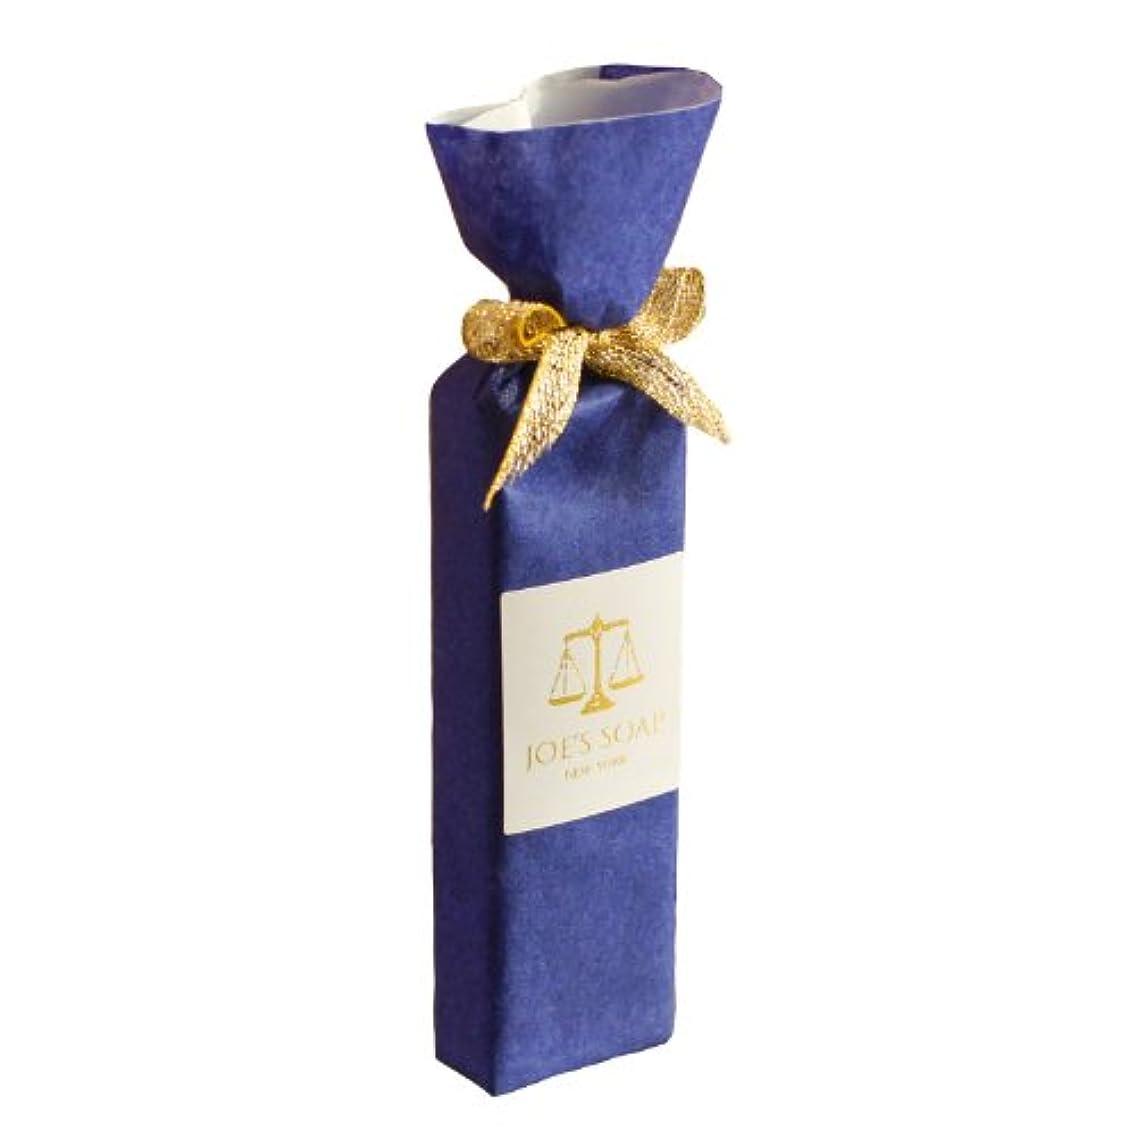 一生レイプフライカイトJOE'S SOAP ジョーズソープ オリーブソープ NO.5 LAVENDER ラベンダー20g お試し トライアル 無添加  石鹸 オーガニック 保湿 洗顔 乾燥肌 敏感肌